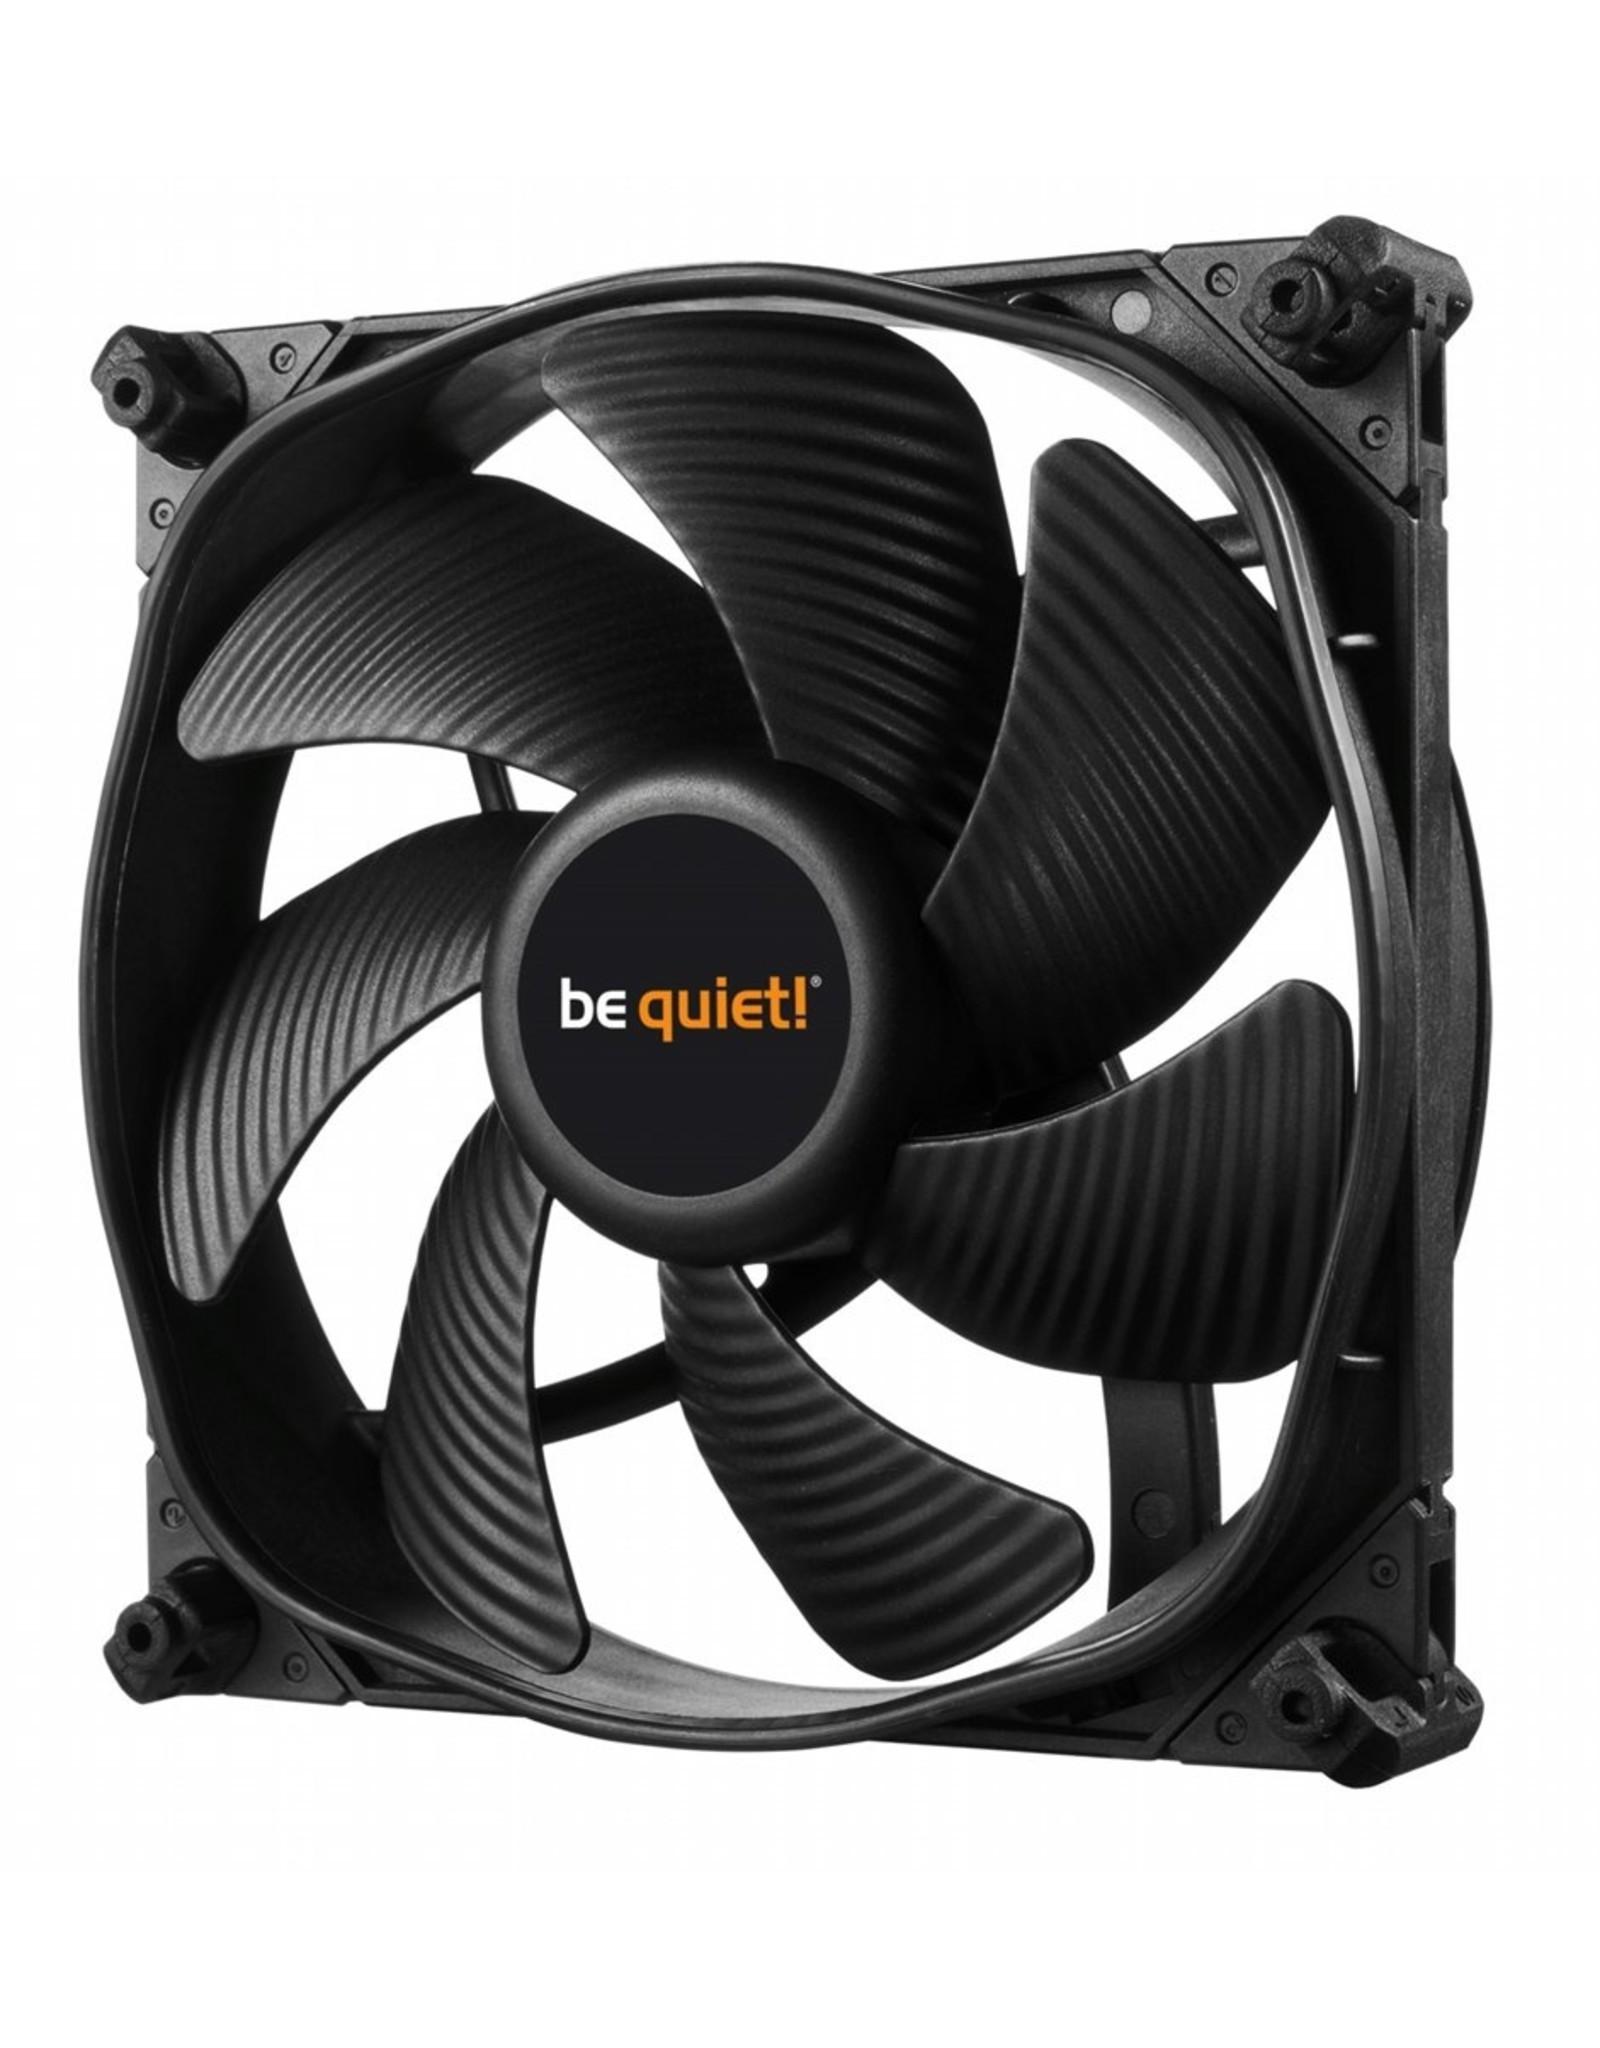 be quiet! Be quiet! SilentWings 3 PWM Koeler 120mm Zwart